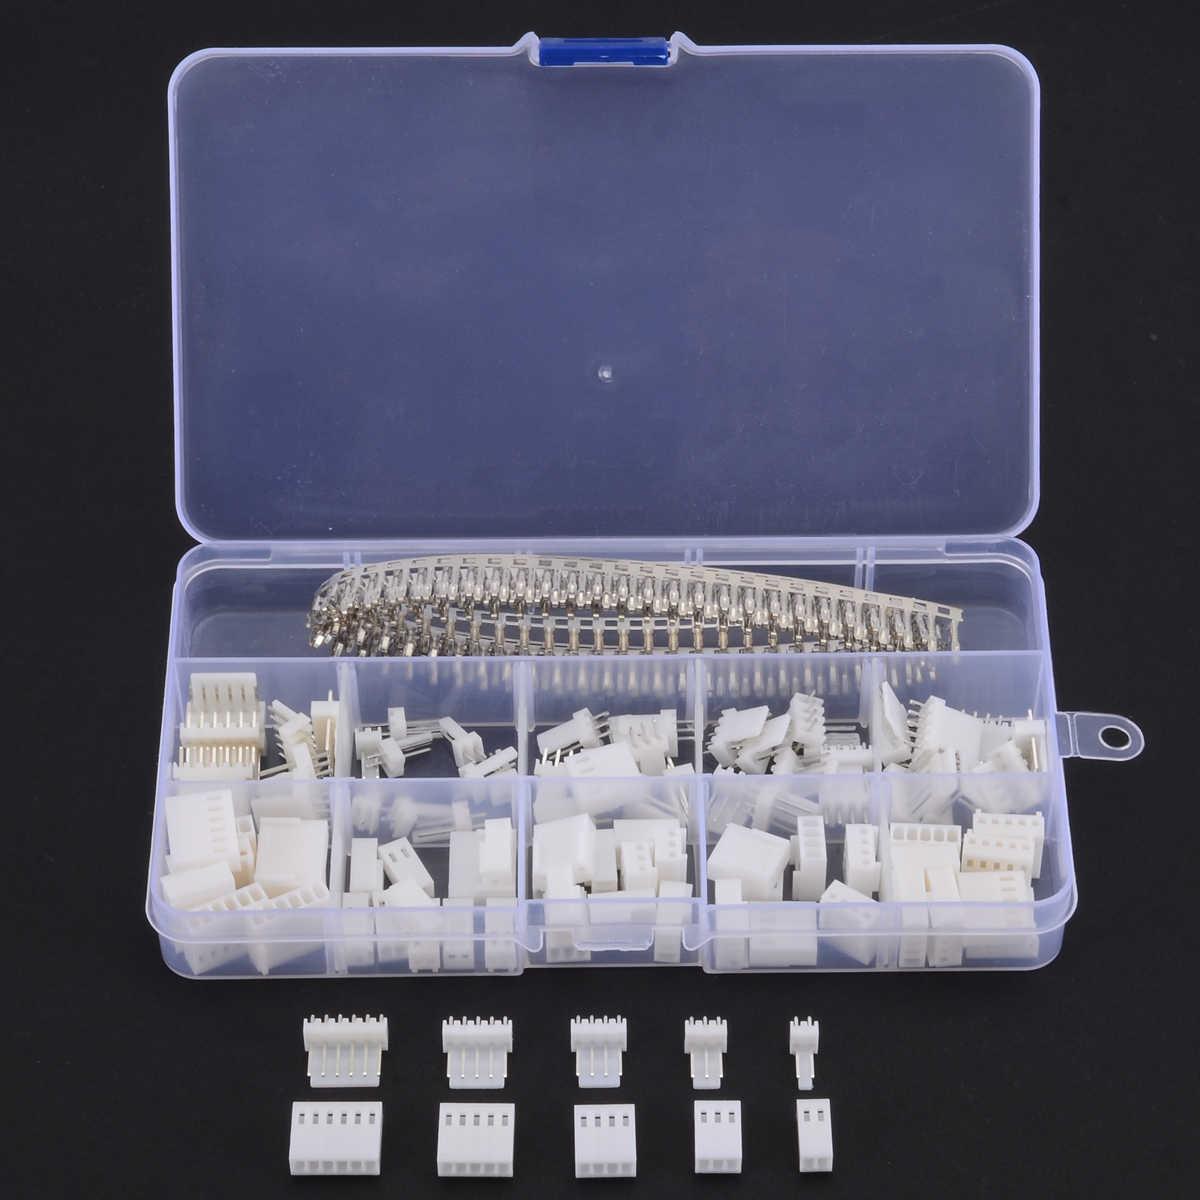 300 قطعة جديد KF2510 2.54 مللي متر 2 3 4 5 6 دبوس الإناث محطة الإسكان رأس سلك موصل مع صندوق بلاستيكي